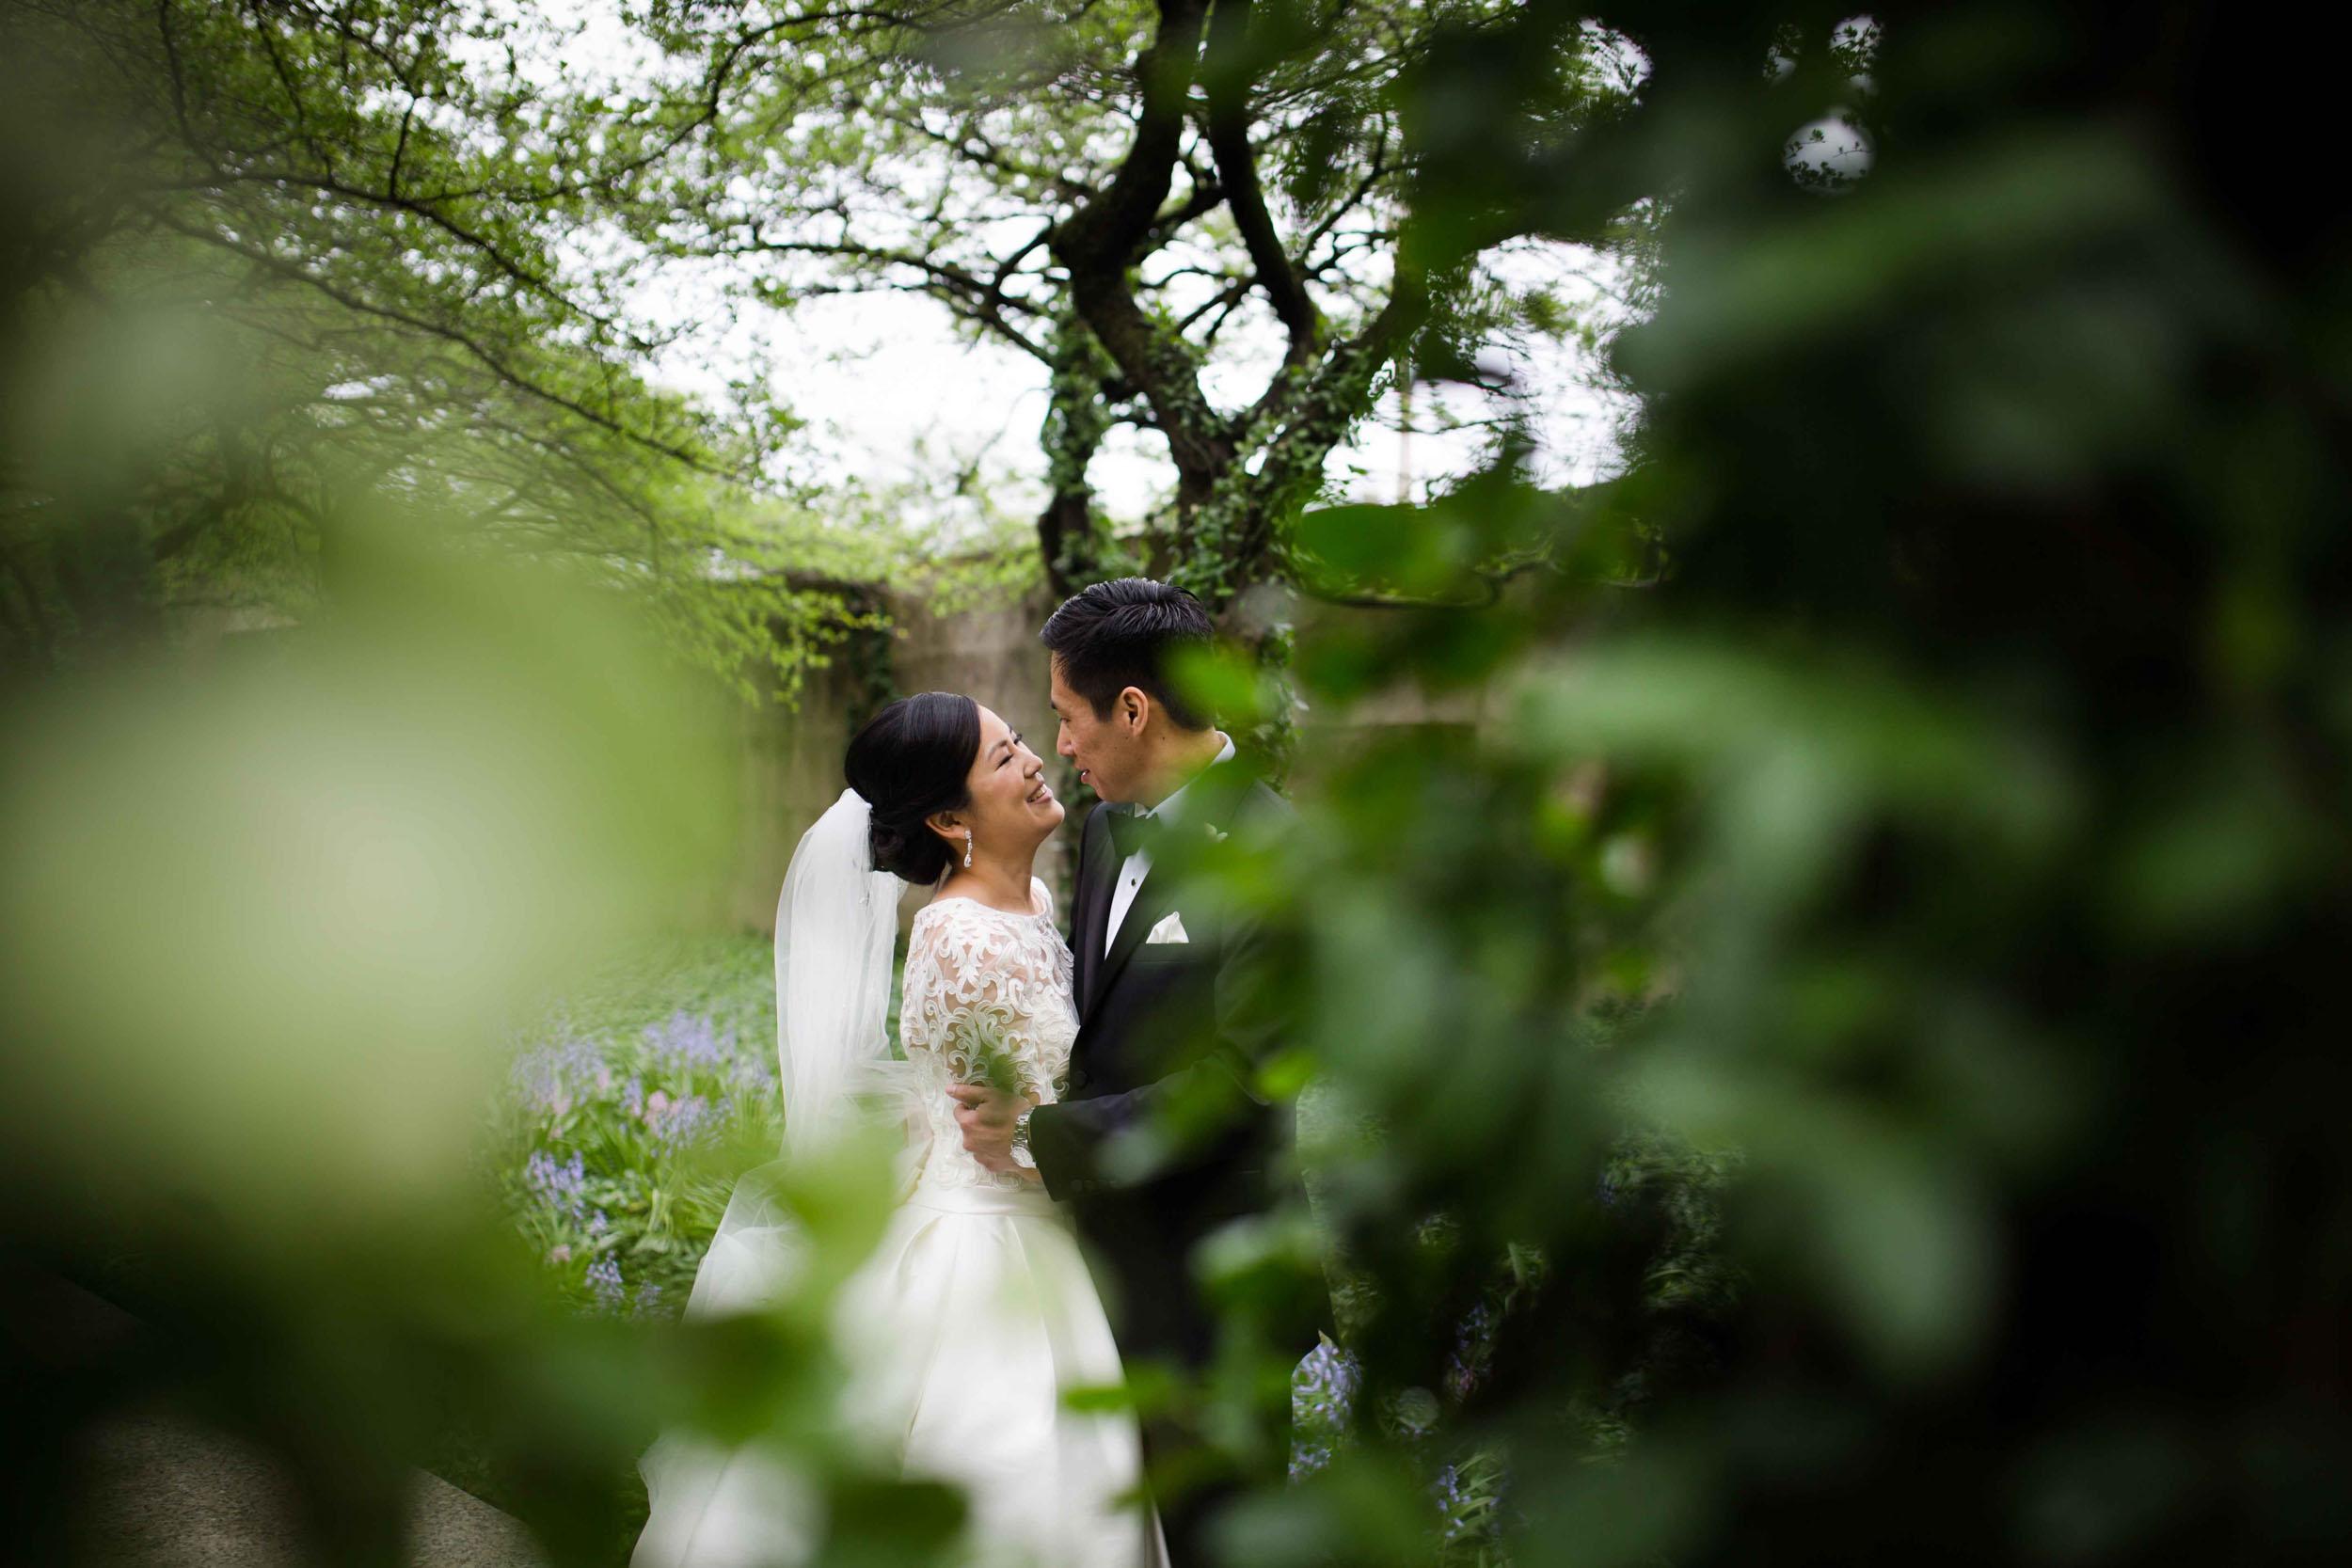 chicago-wedding-photos-studio-this-is-jack-schroeder-42.jpg